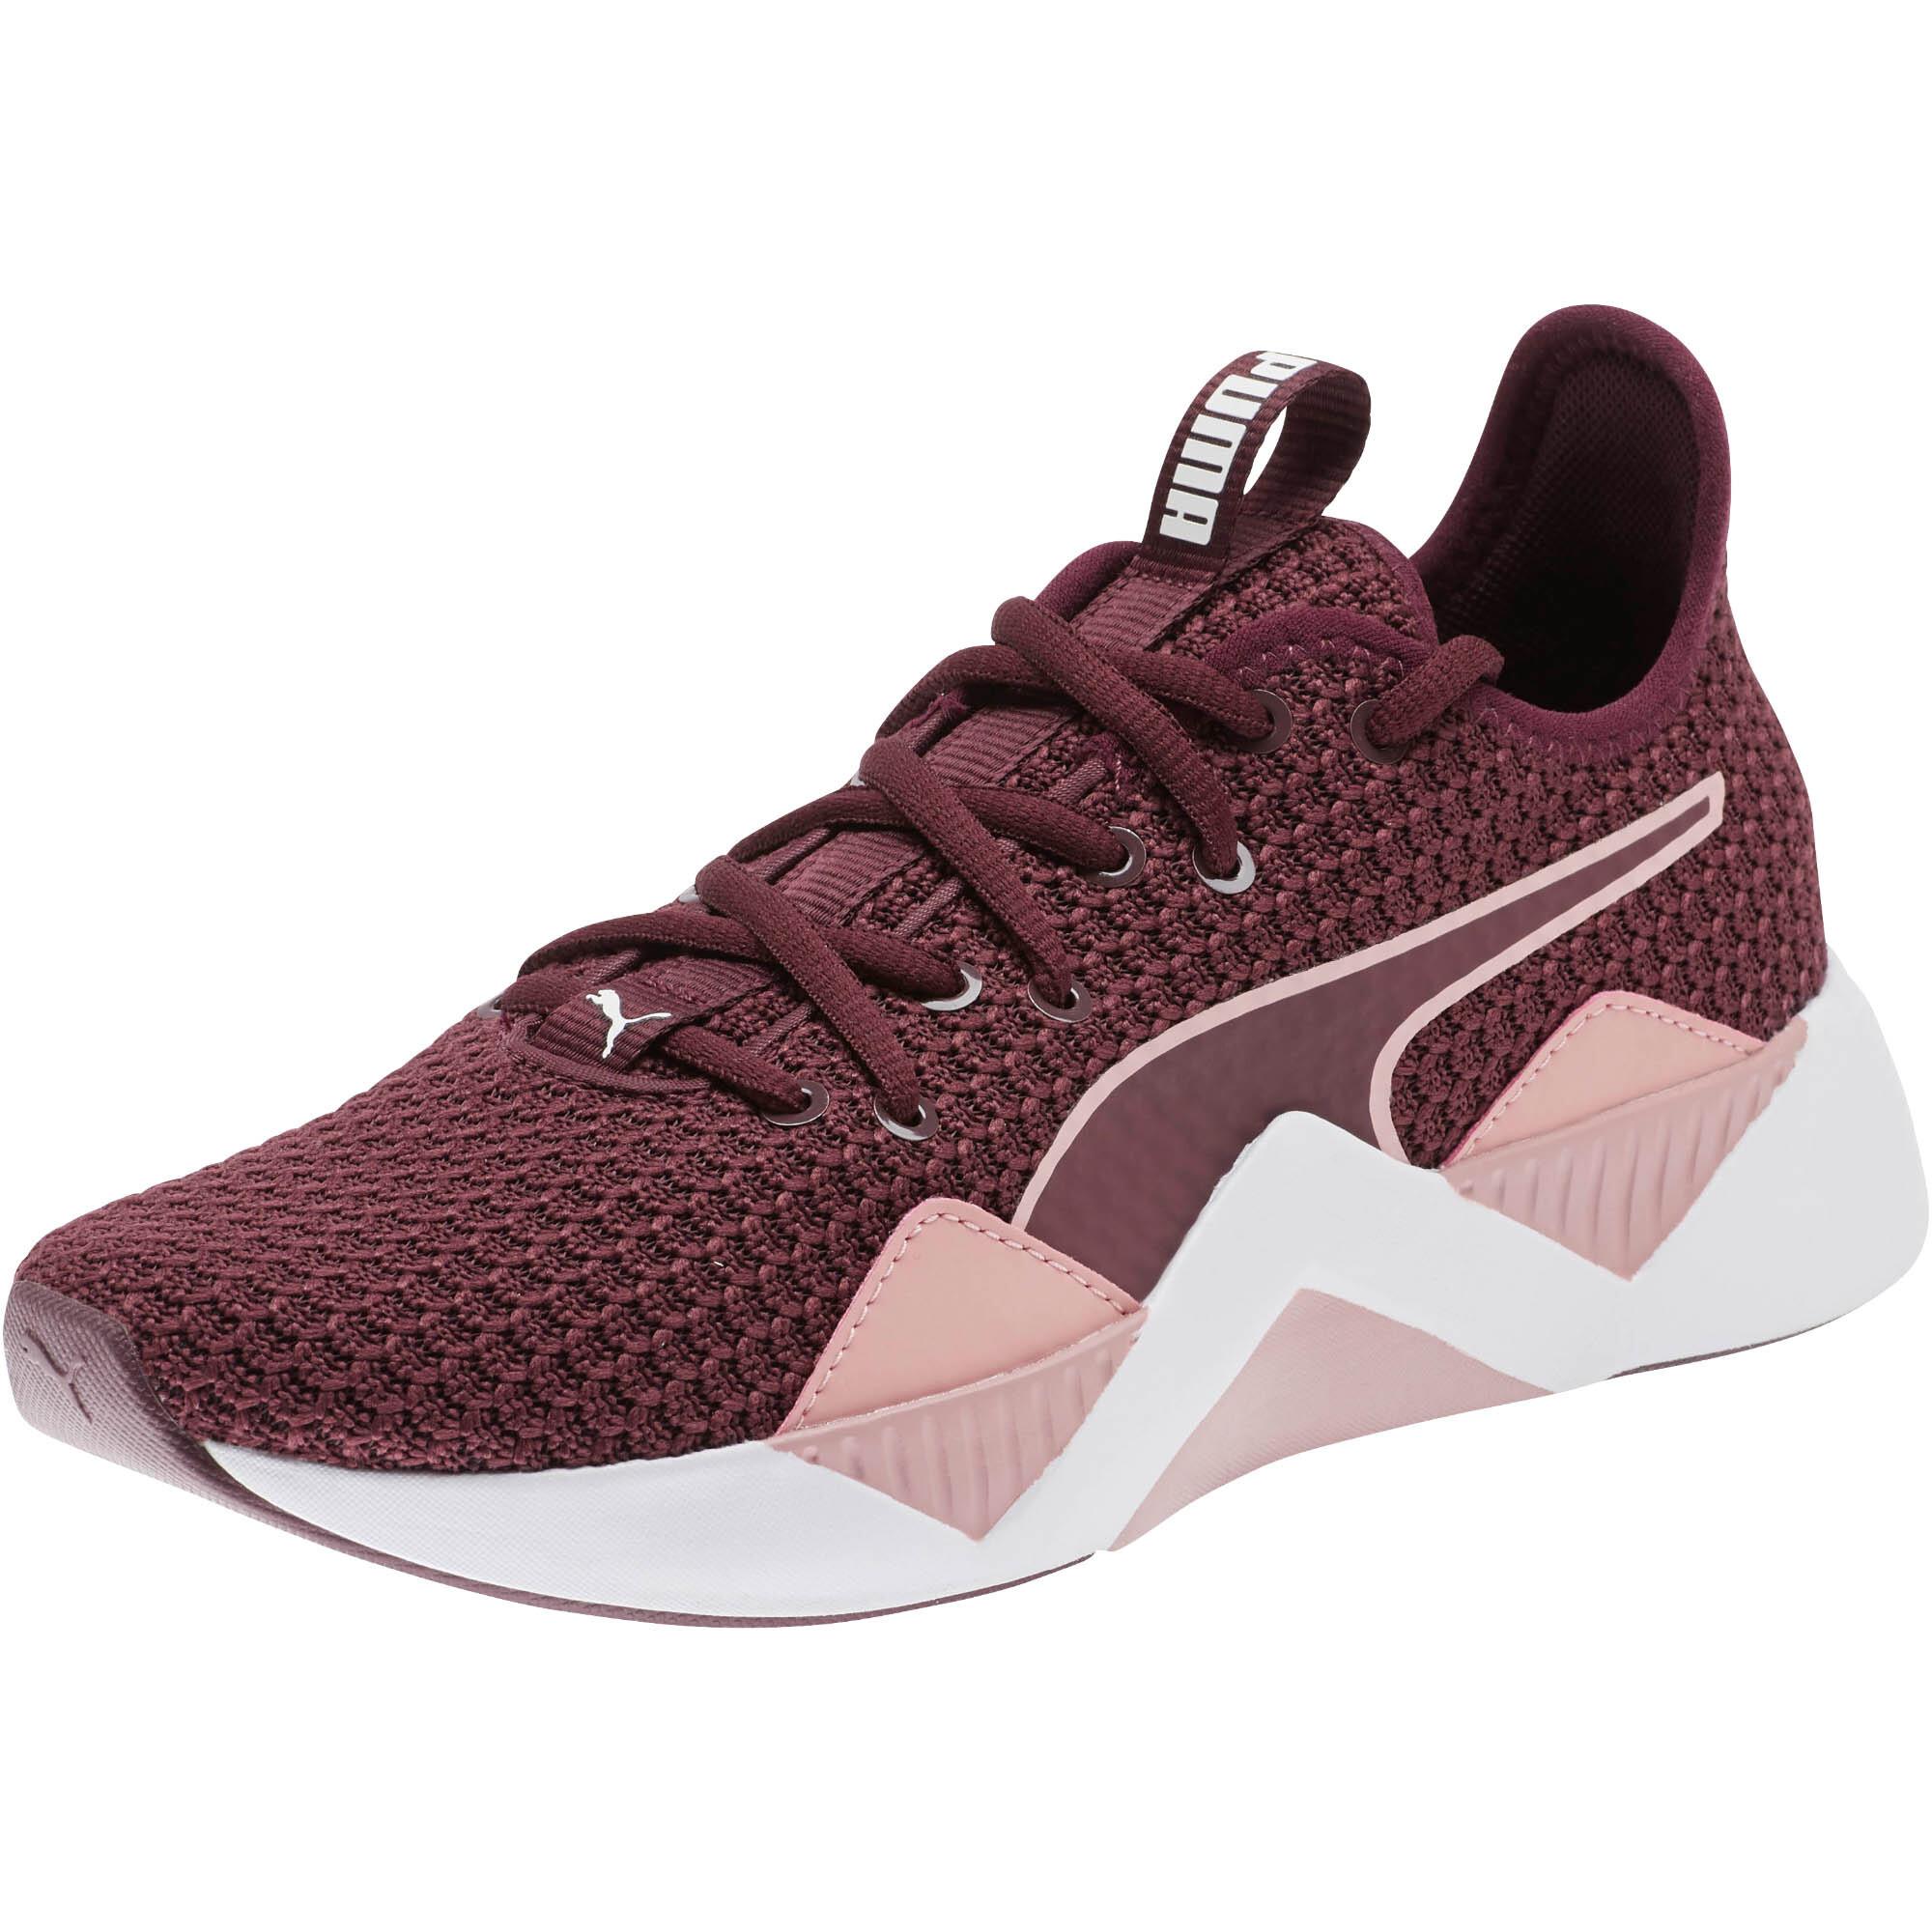 PUMA-Incite-FS-Women-039-s-Training-Shoes-Women-Shoe-Training thumbnail 13